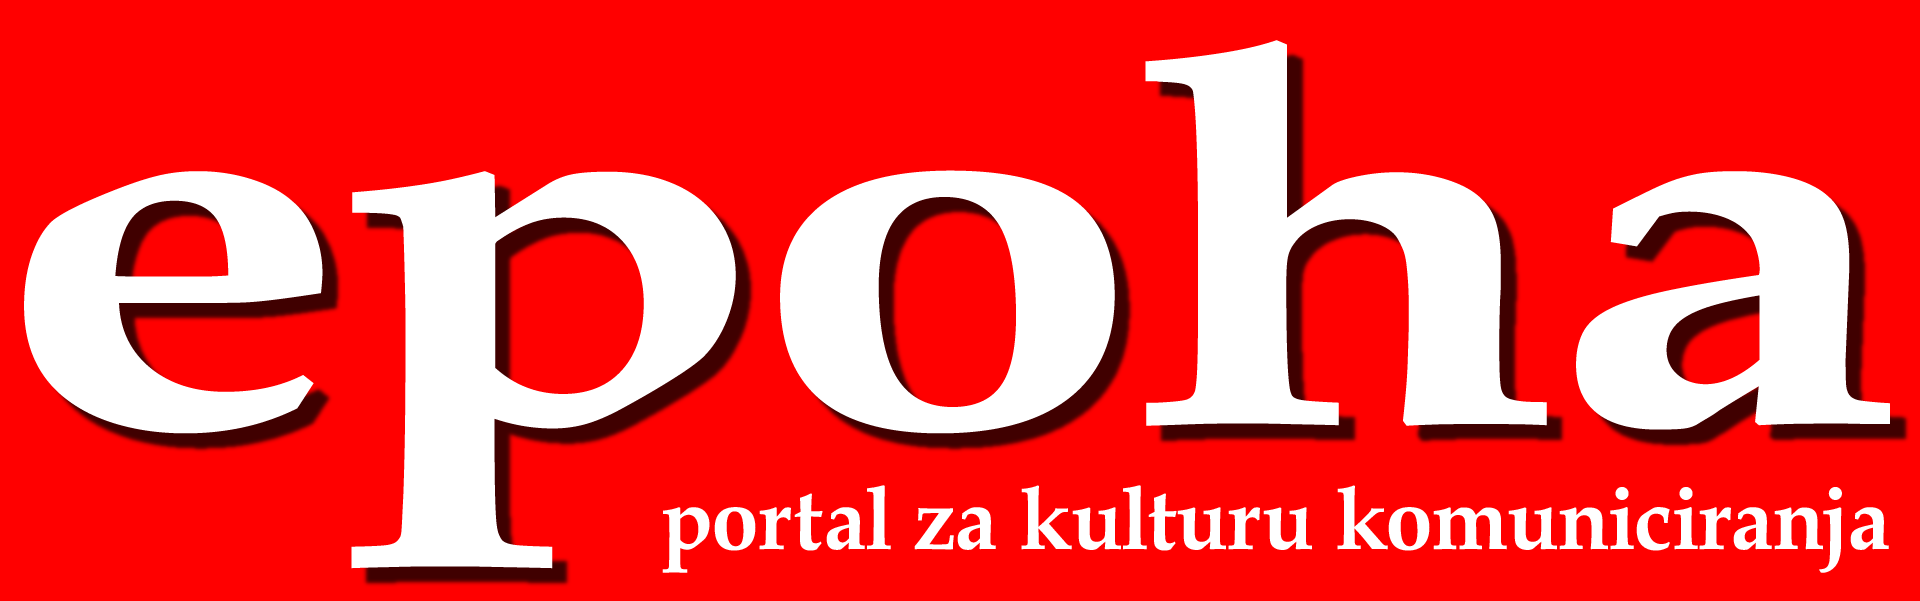 Epoha Portal Za kulturu komuniciranja Logo